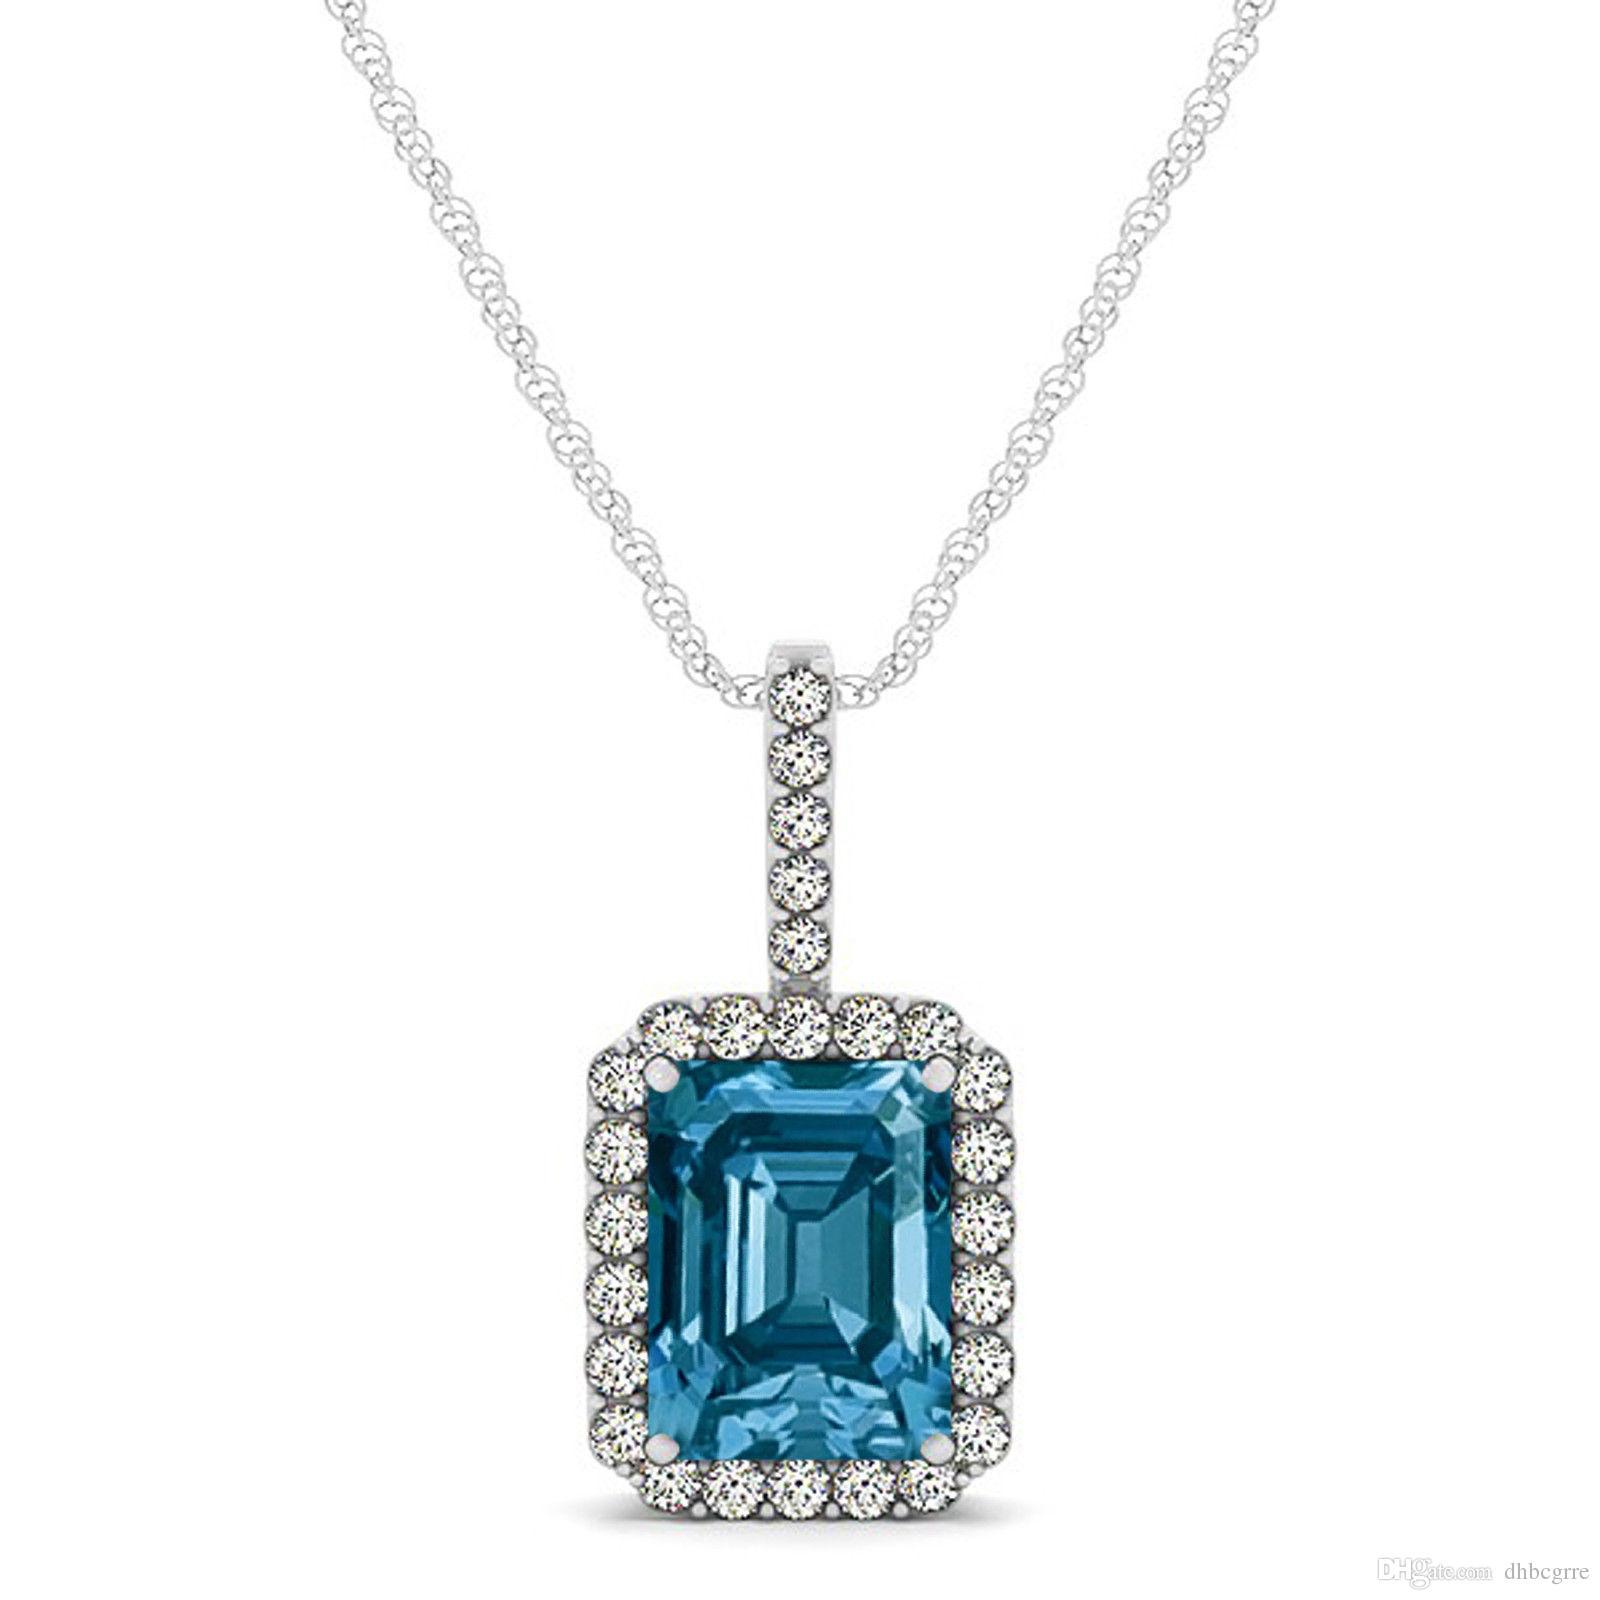 d32f7c061498 Compre 1.50 Ct Azul Esmeralda Corte Diamante Halo Solitario Colgante 18  Cadena 14k Wg A  66.33 Del Dhbcgrre